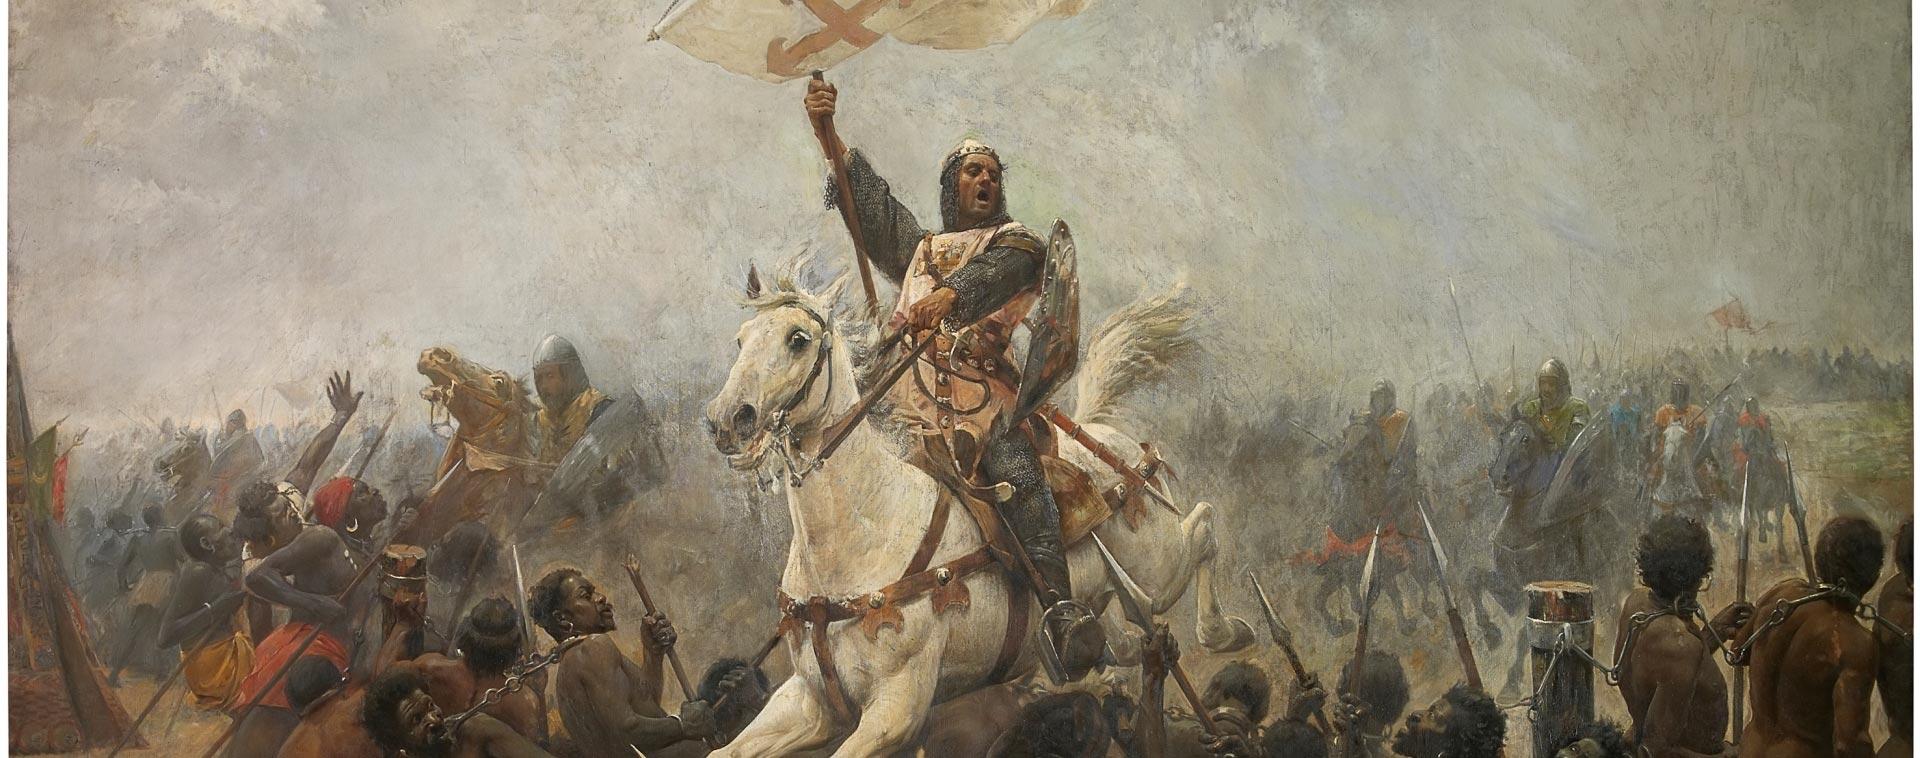 The triumph of the Holy Cross at the Battle of Navas de Tolosa by Marcelino Santa María Sedano ©Museo Nacional del Prado